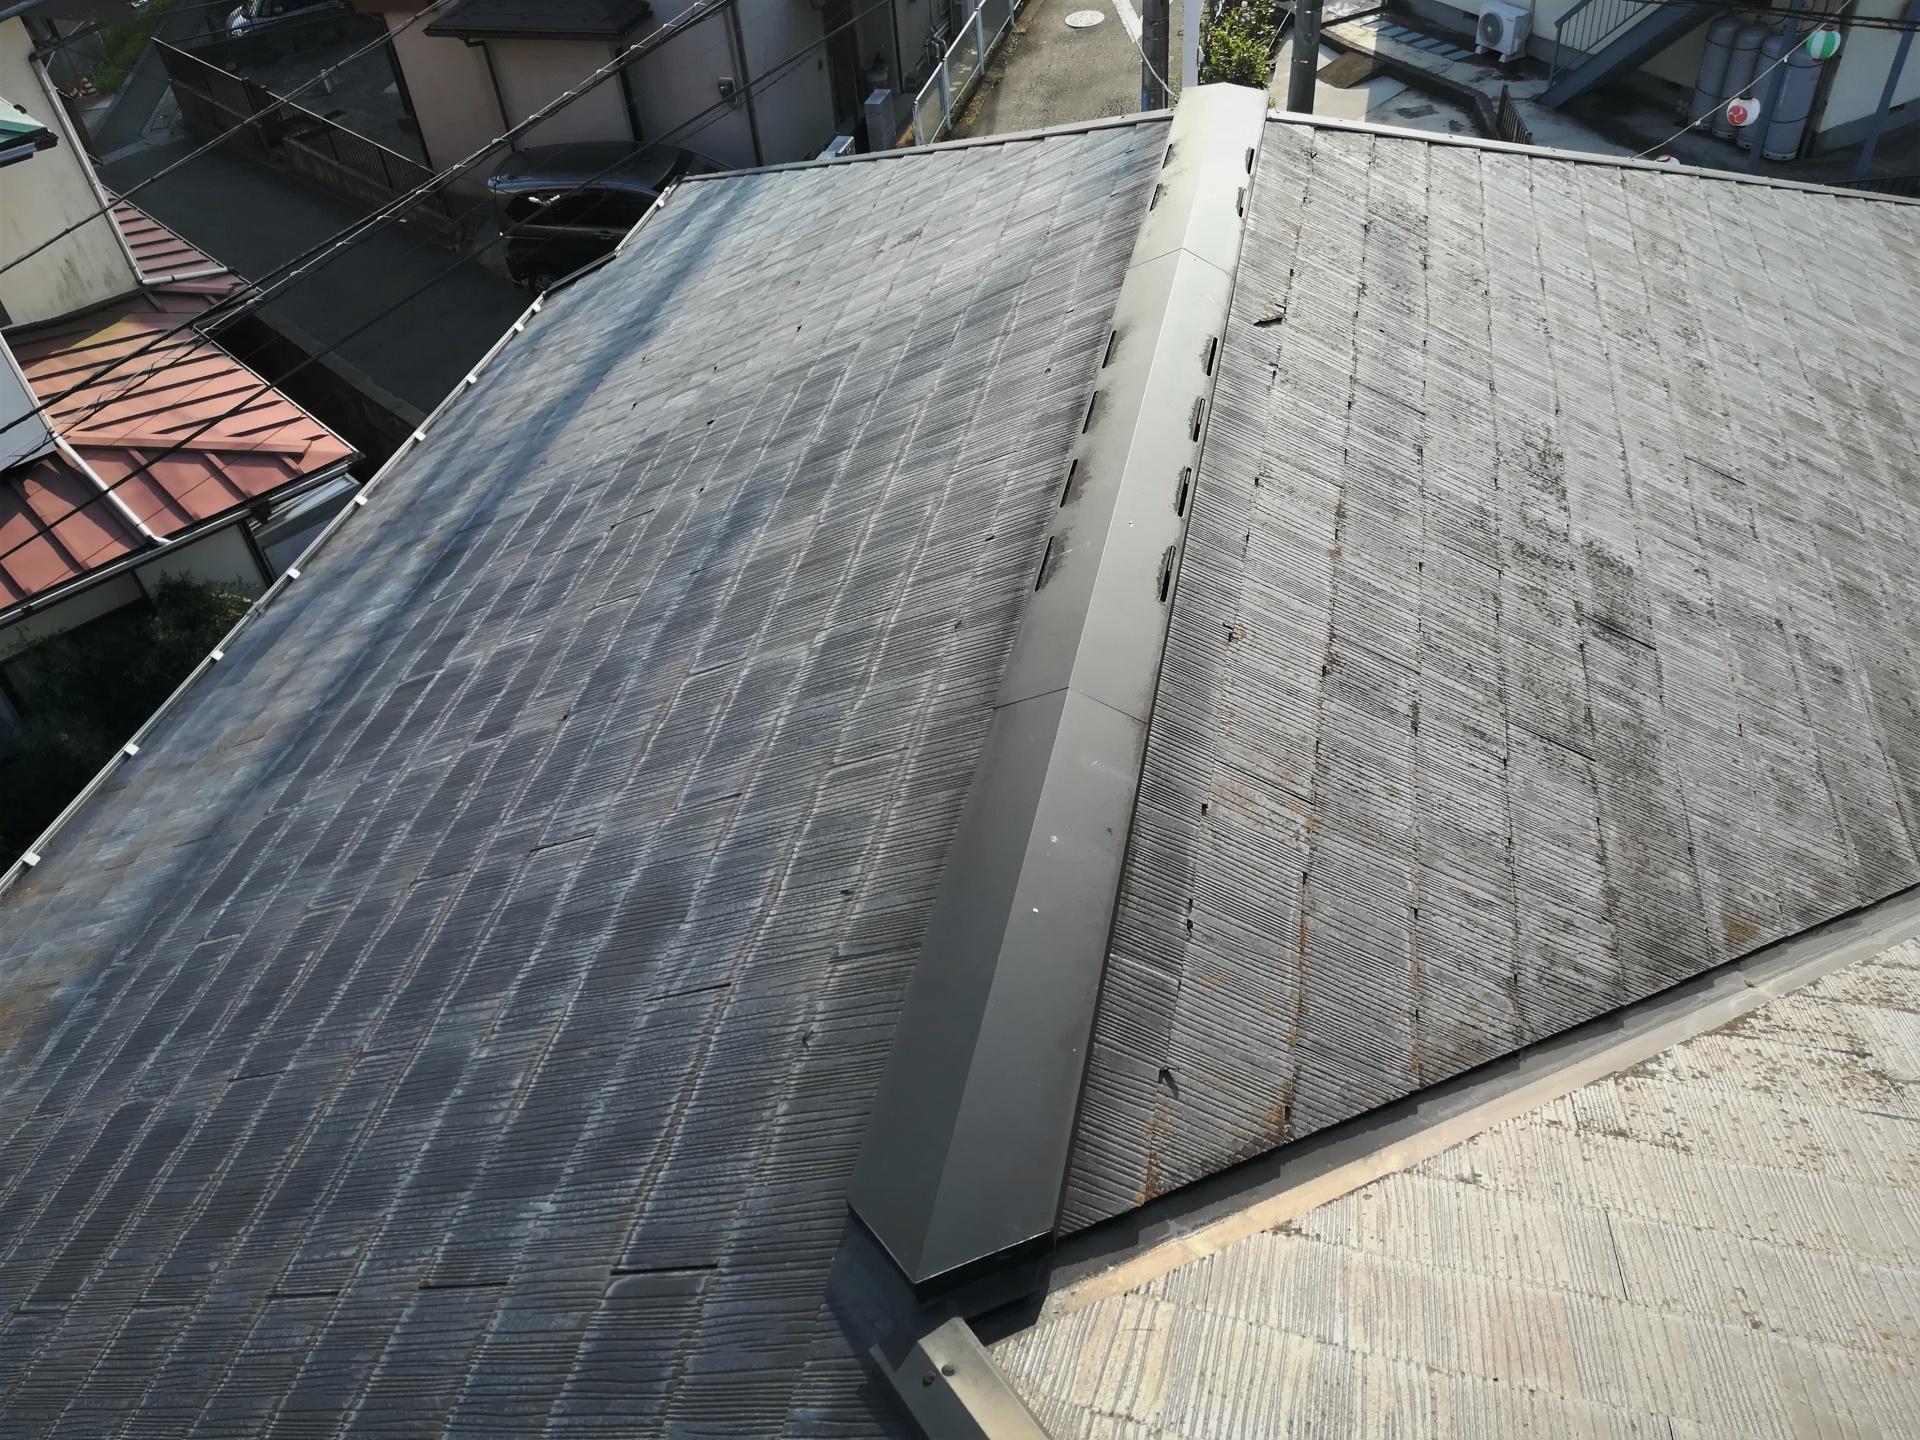 横須賀市平作にて外壁塗装はパーフェクトトップ、屋根塗装はファインパーフェクトベストで20年間ノーメンテナンスのお住いを蘇らせます、施工前写真